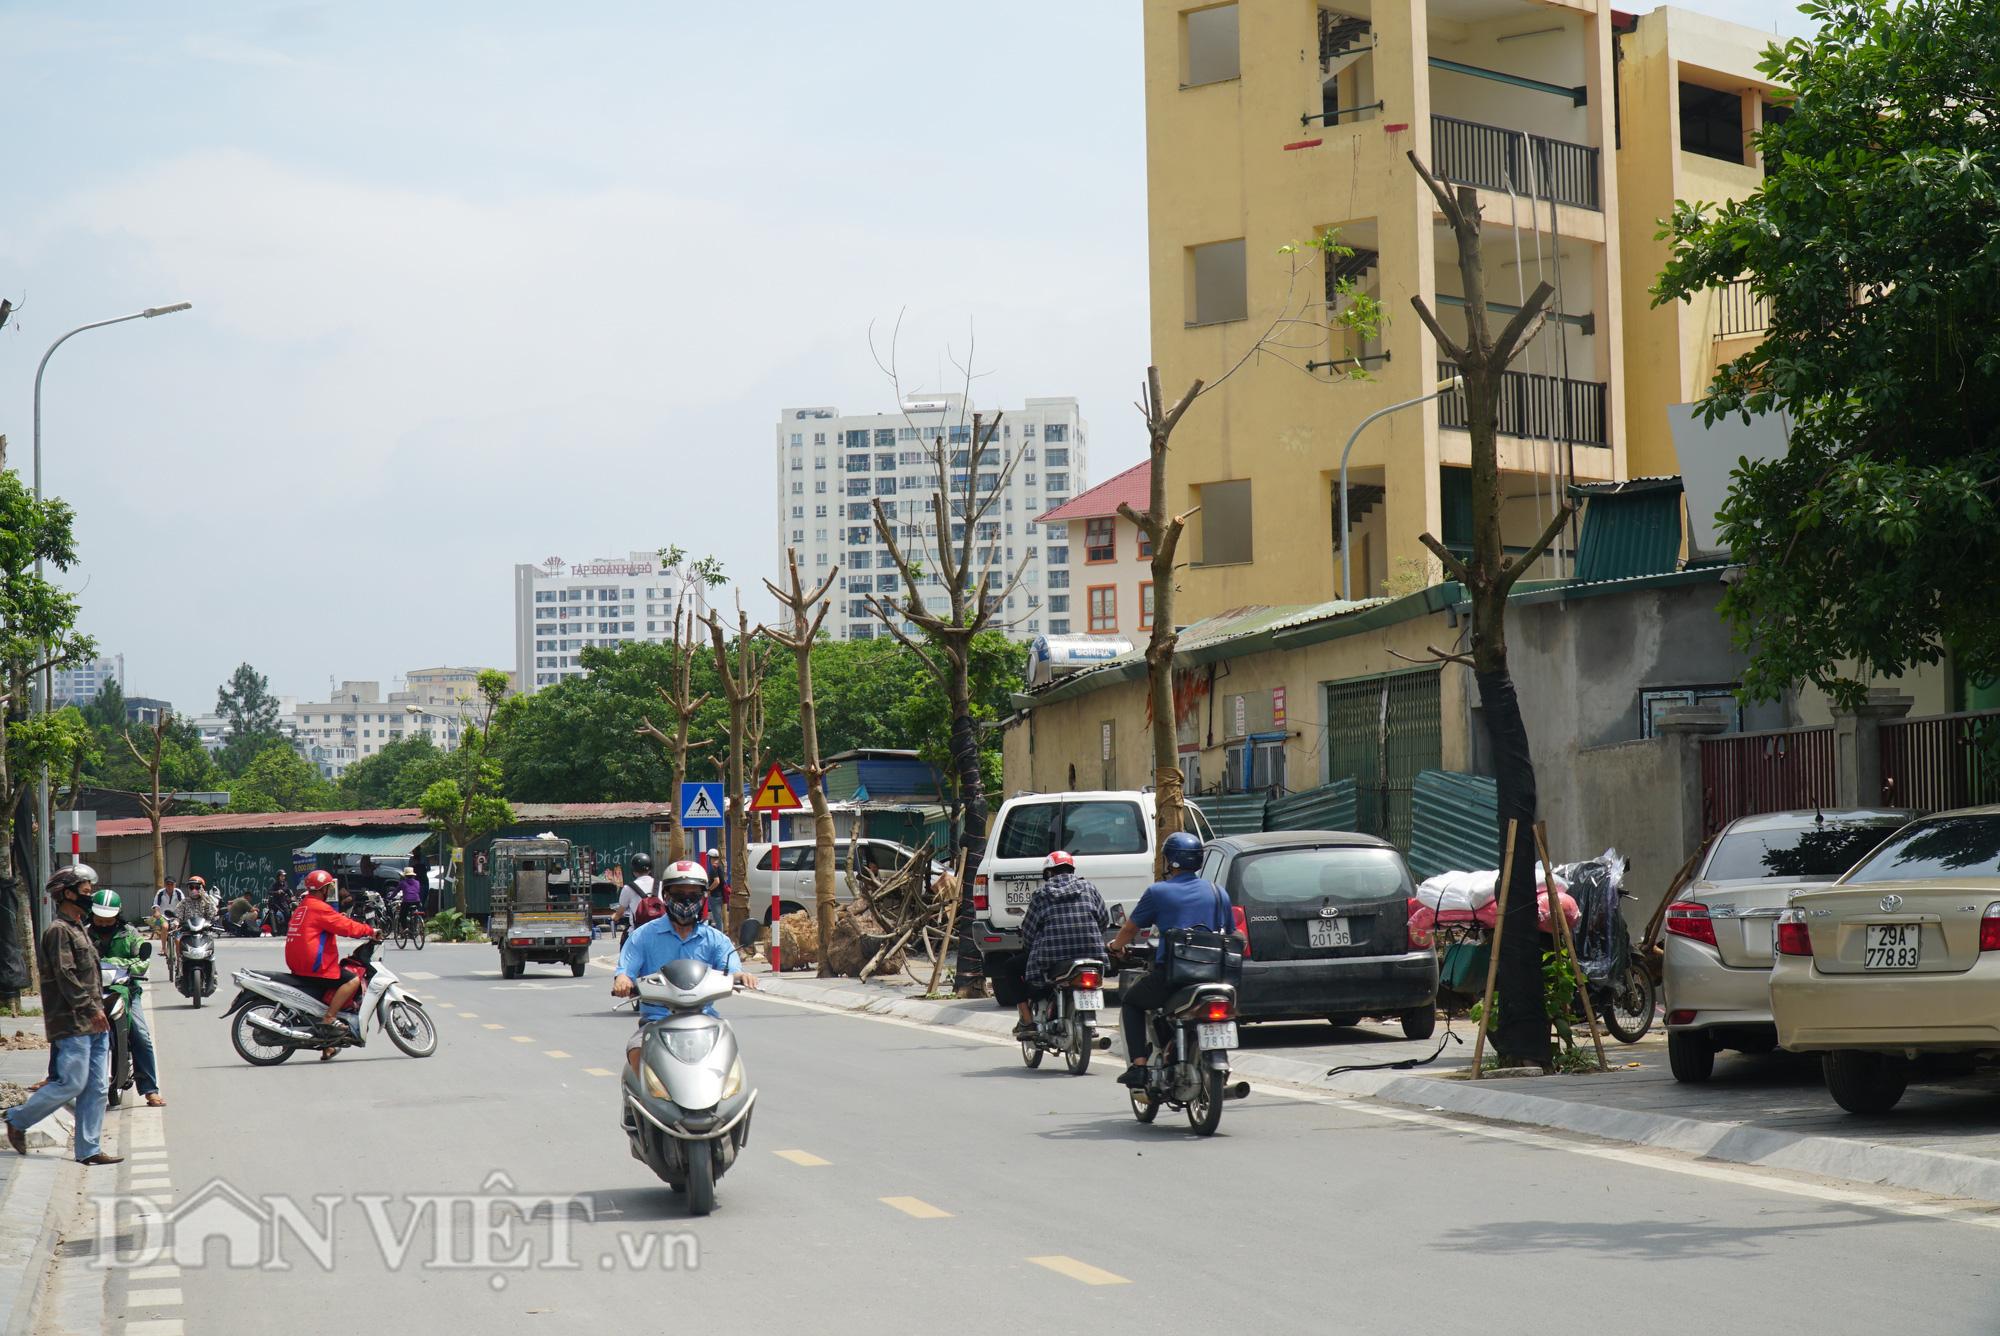 Ẩn hoạ đến từ những cây xanh chết khô trên đường phố Hà Nội - Ảnh 1.